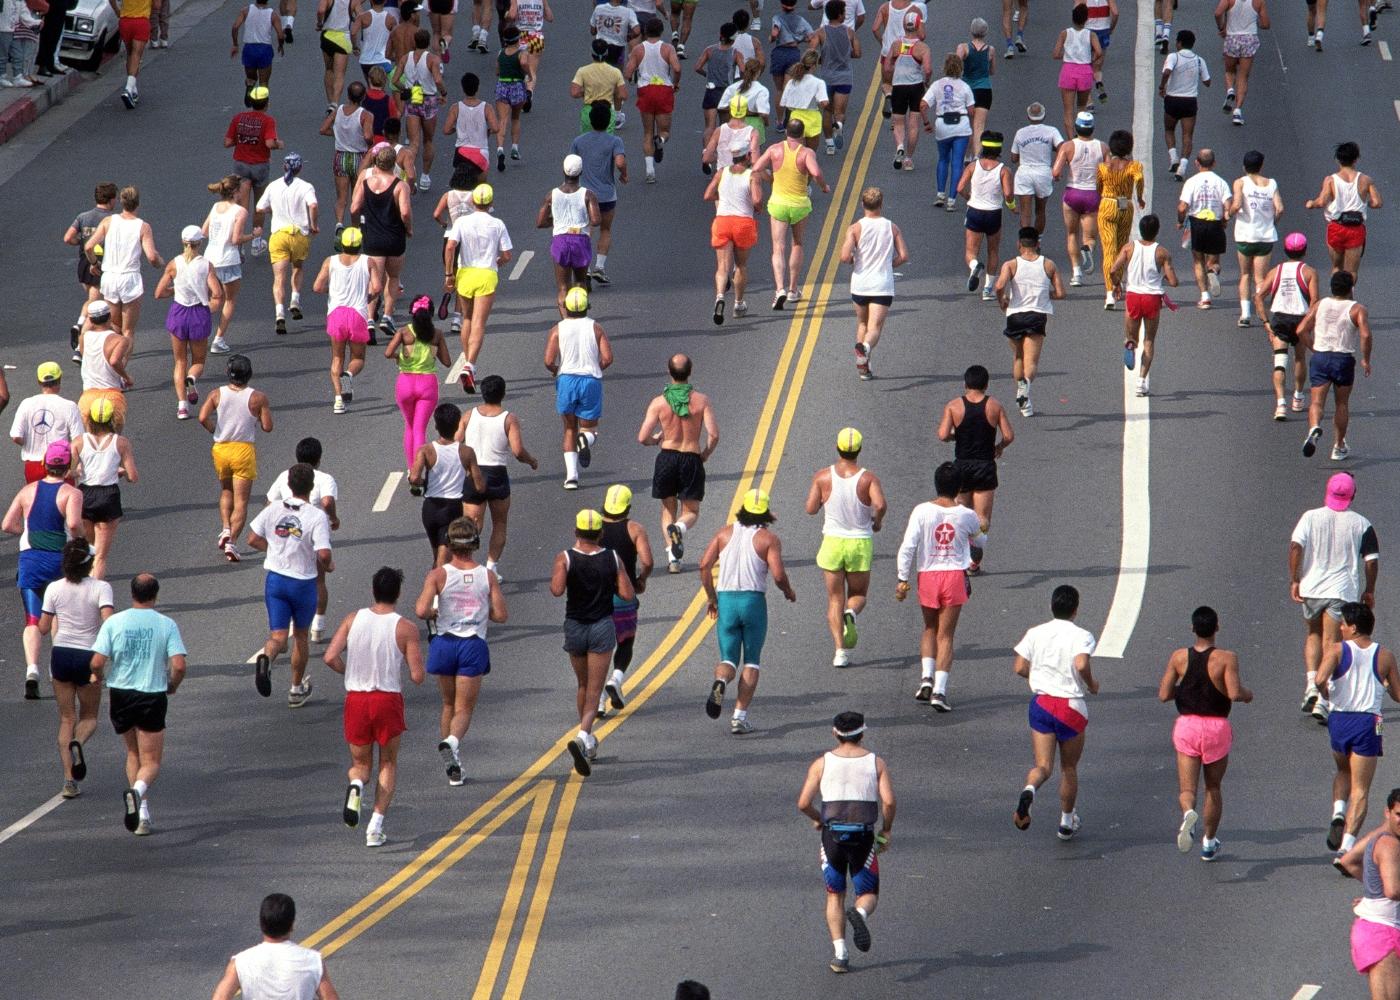 Grupo de pessoas a participar numa prova de corrida